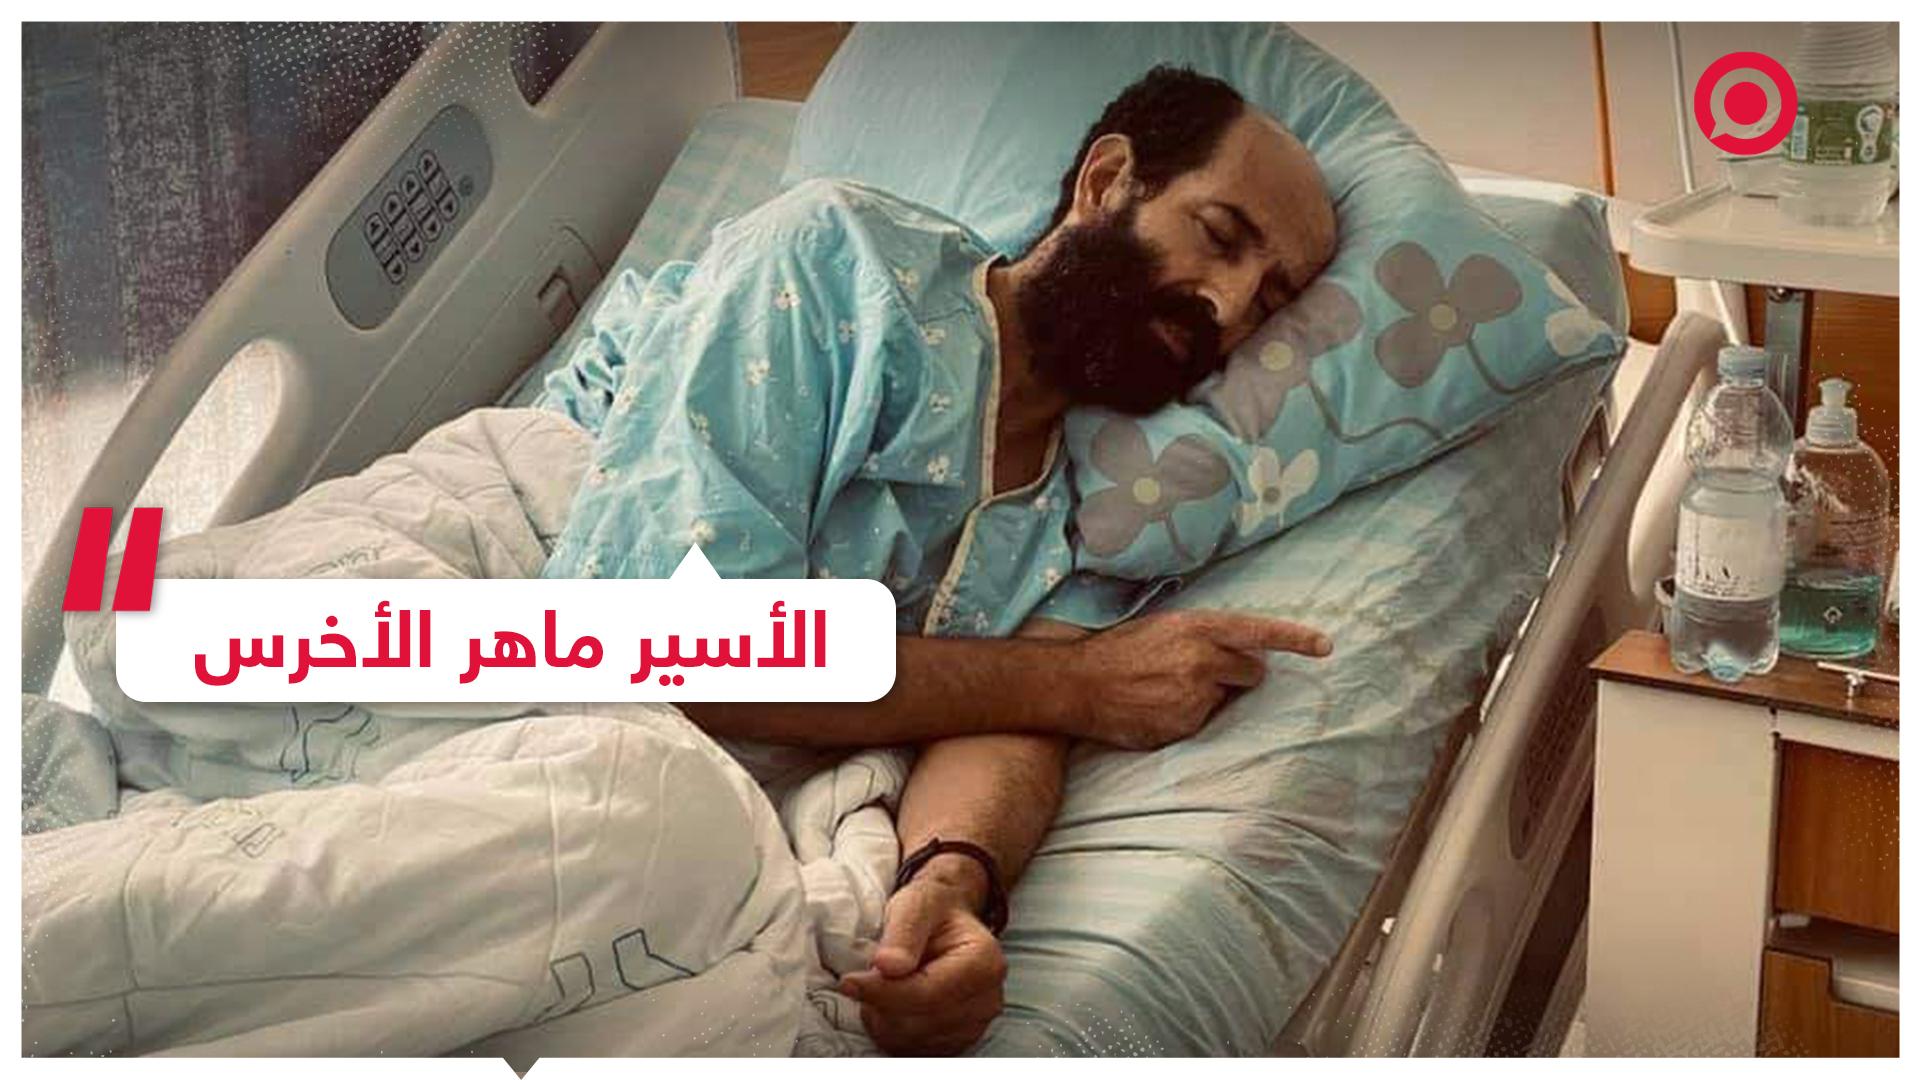 الأسير الفلسطيني ماهر الأخرس يتناول الطعام من أيدي أطفاله لأول مرة بعد 104 يوما على الإضراب